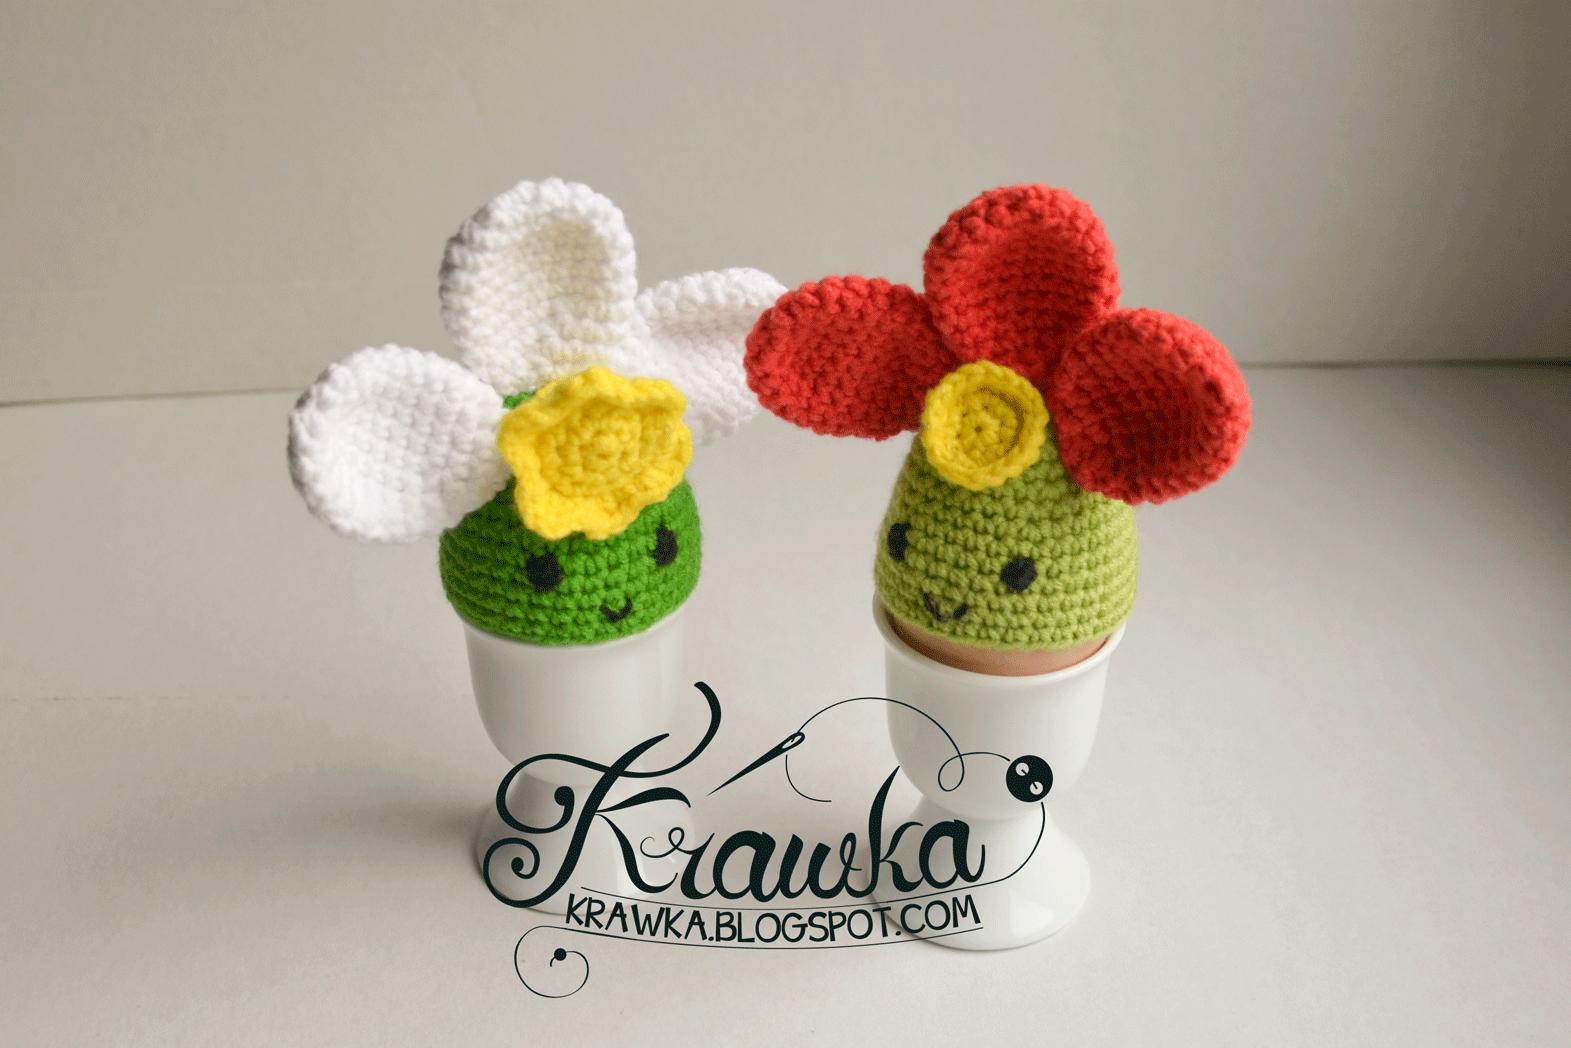 Krawka: Spring flower - Easter egg cozies - Free crochet Pattern to ...